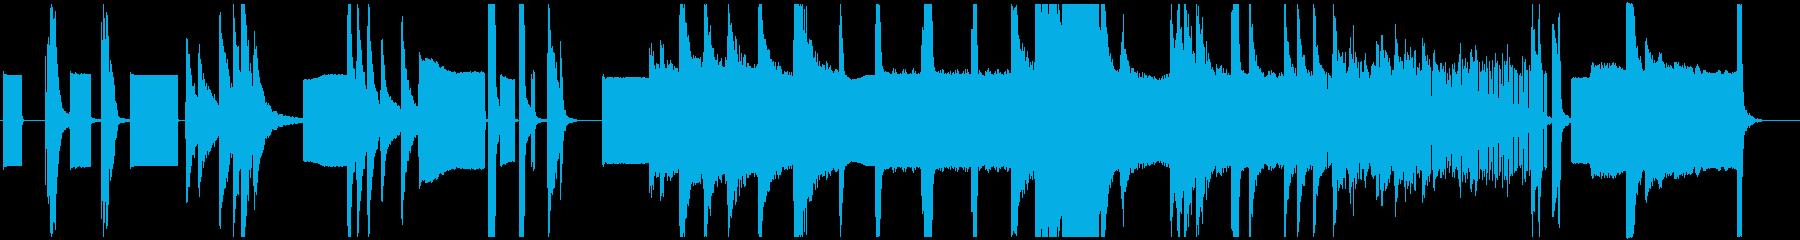 ピアノとシンセによる前衛的な現代曲の再生済みの波形